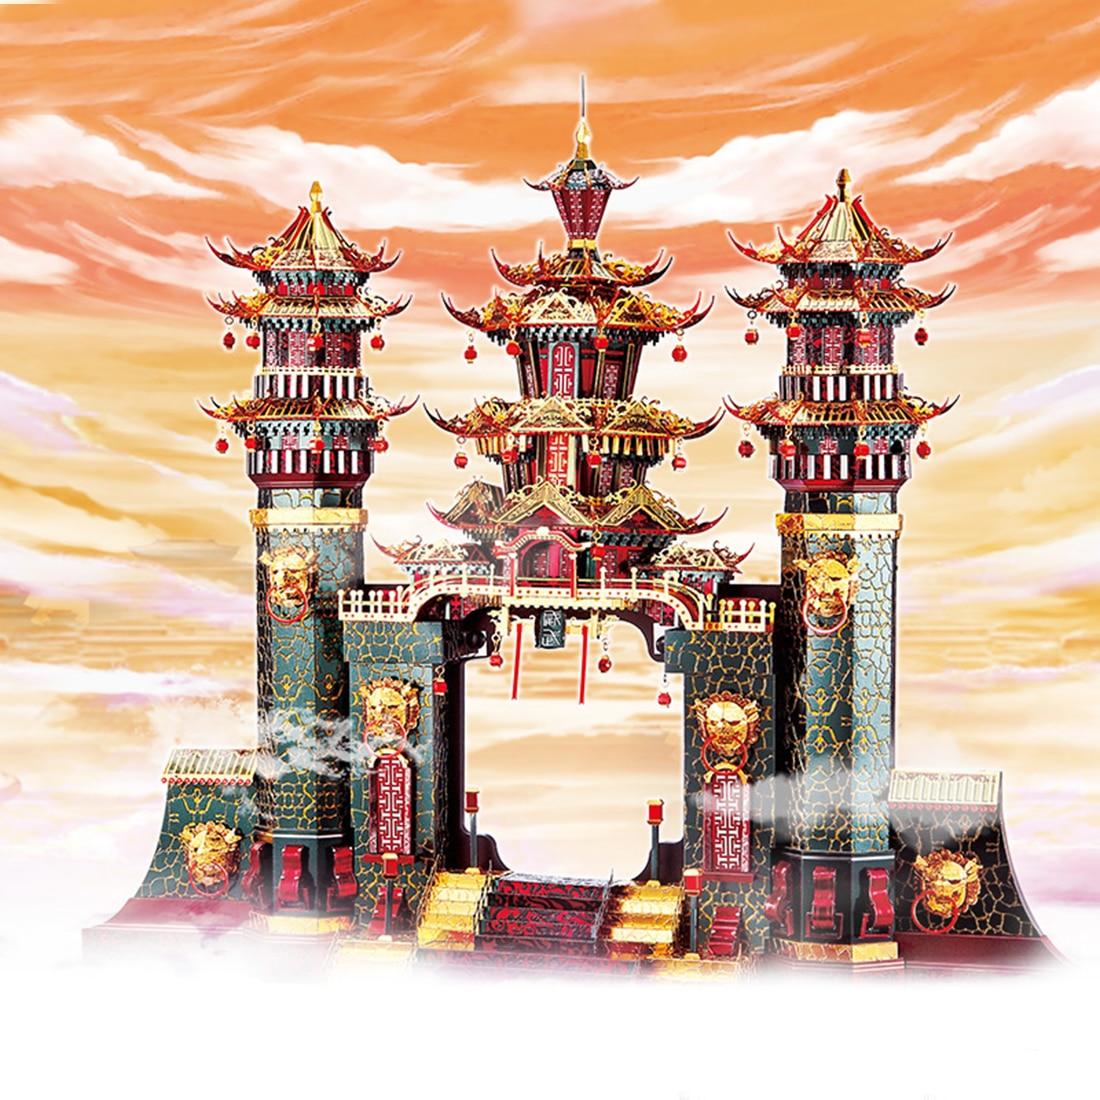 Архитектурная серия Южные ворота , модель, наборы, сделай сам, 3D металлические пазлы, сборная головоломка, игрушка, модель, обучающая игрушка, подарок для детей и взрослых - 3